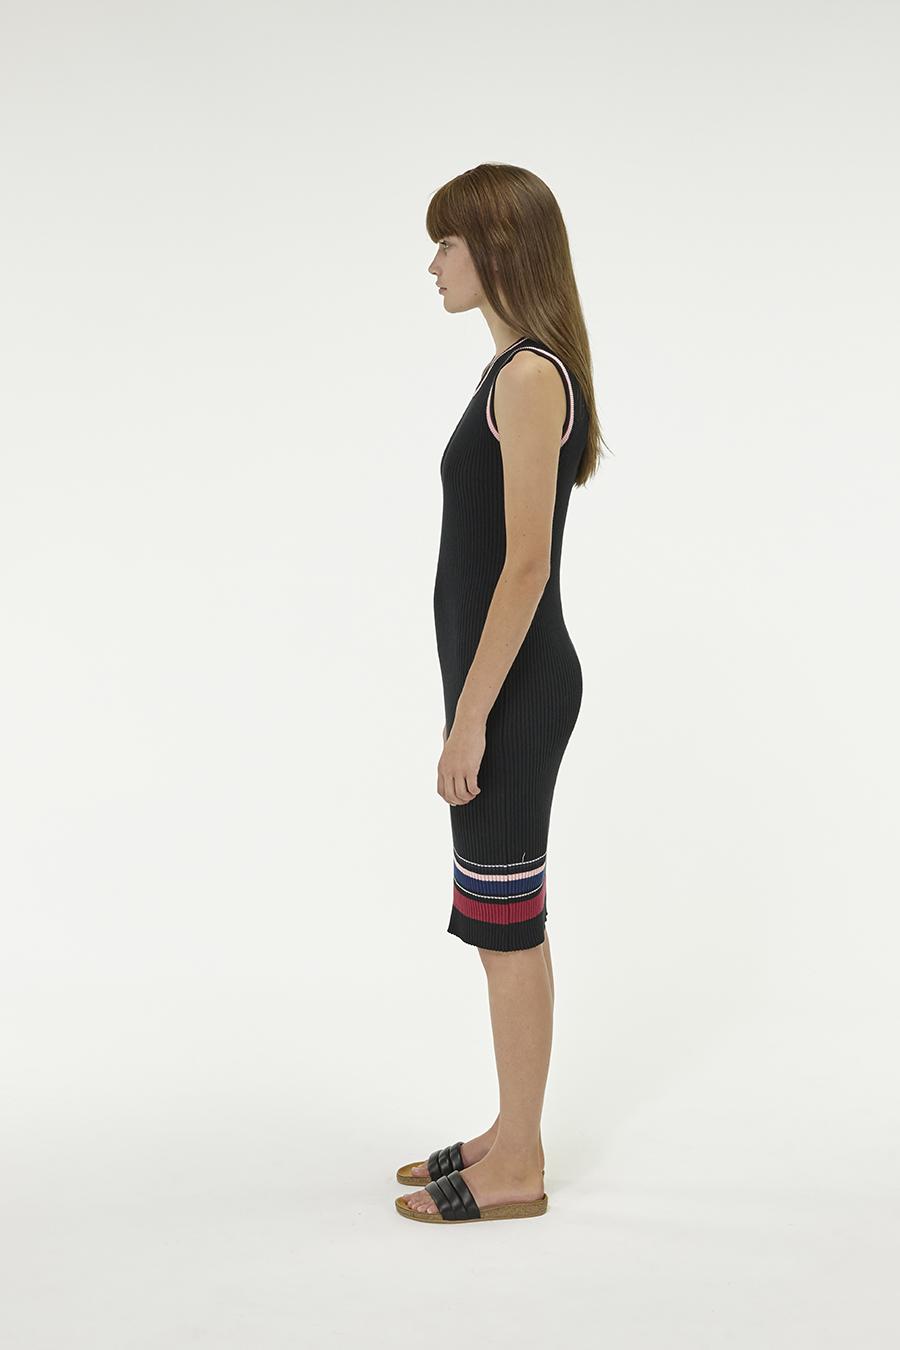 Huffer_Q3-16_W-Rogue-Rib-Dress_Black-02